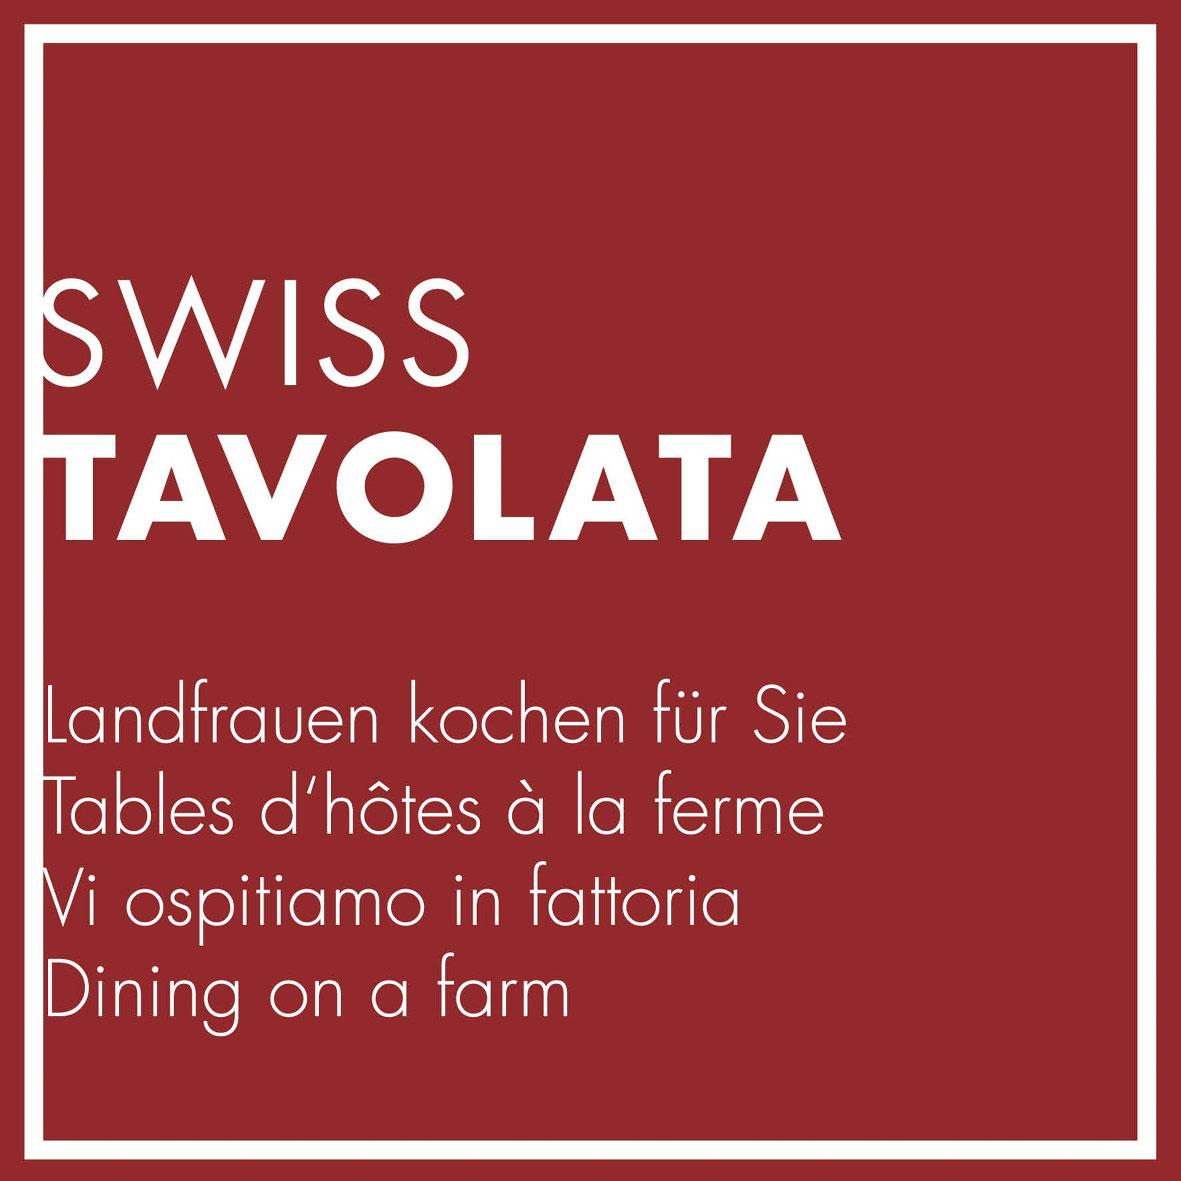 SWISS TAVOLATA Logo